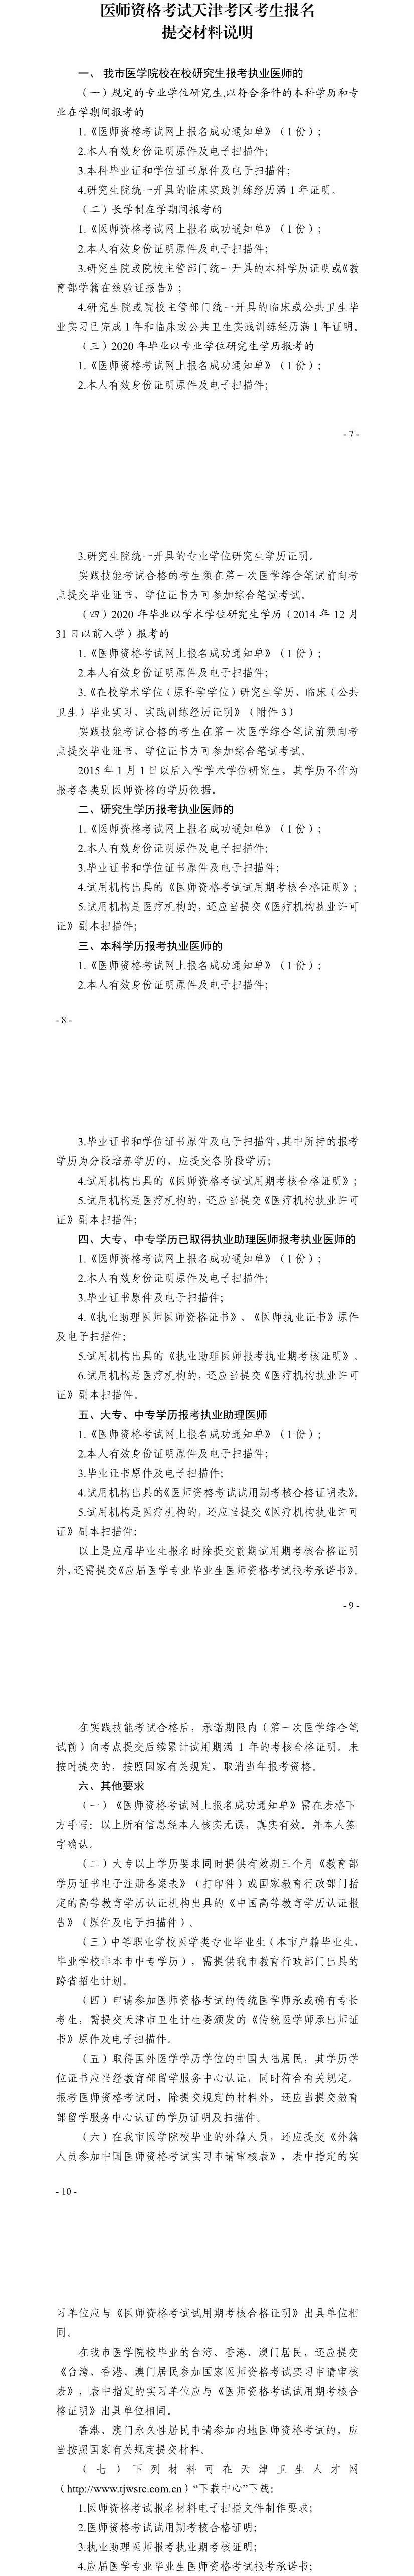 2020天津医师资格现场审核材料